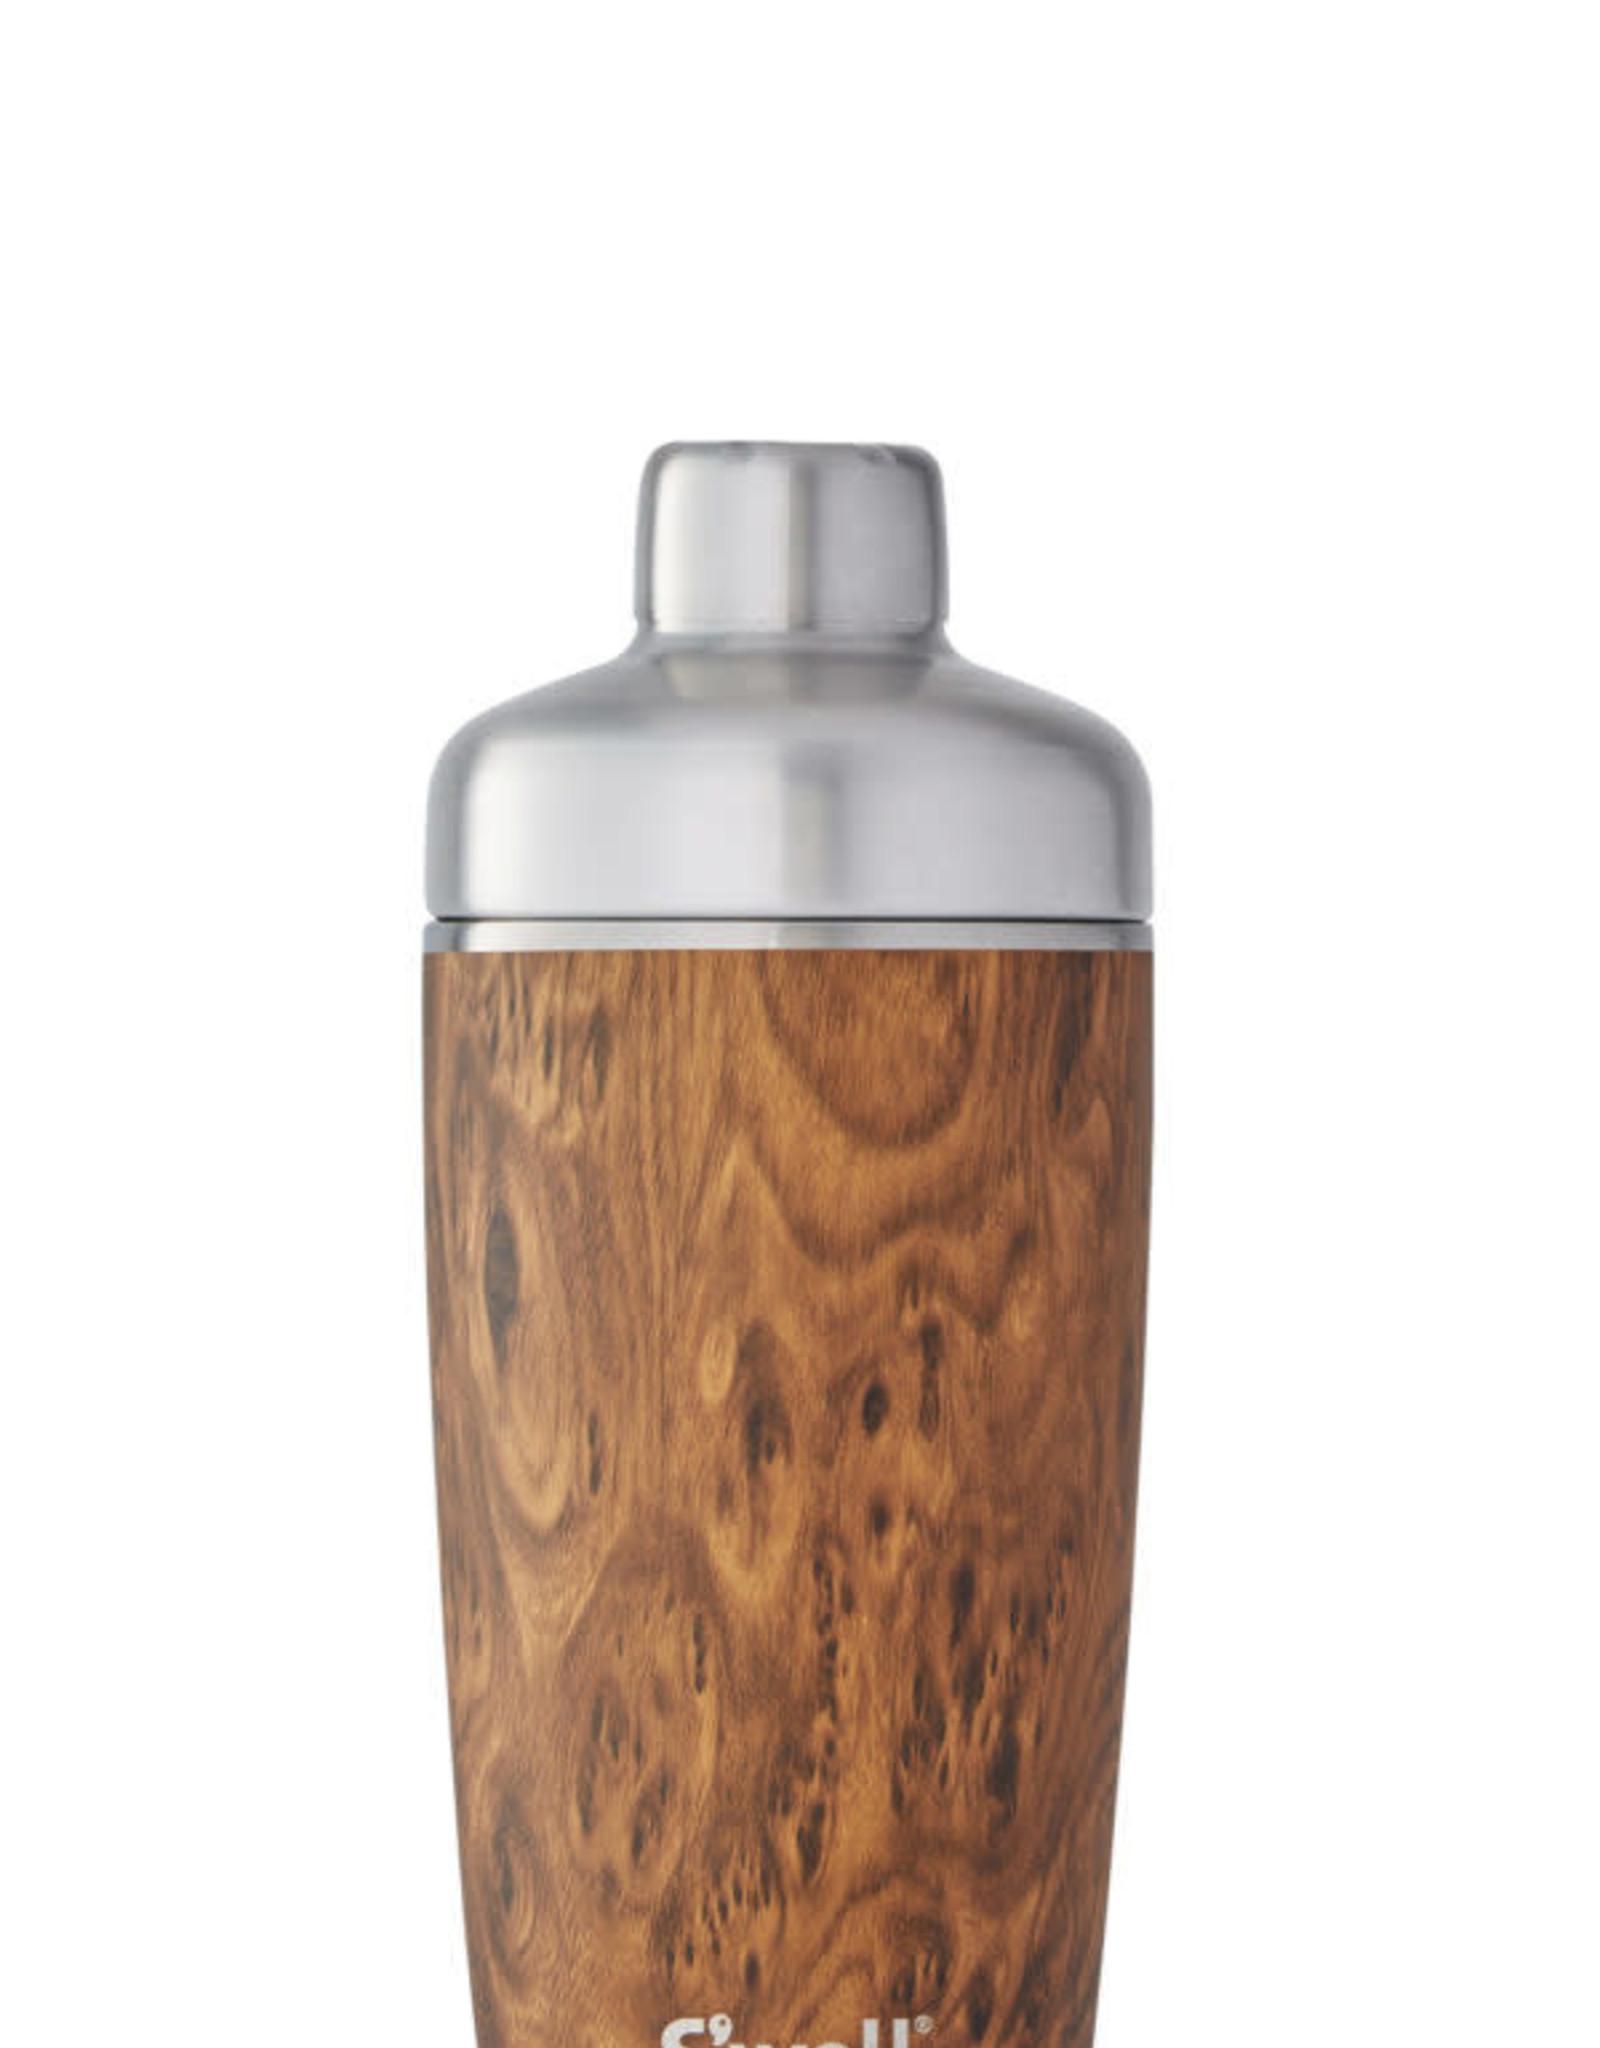 Swell Bottle 18oz Teakwood Shaker Set